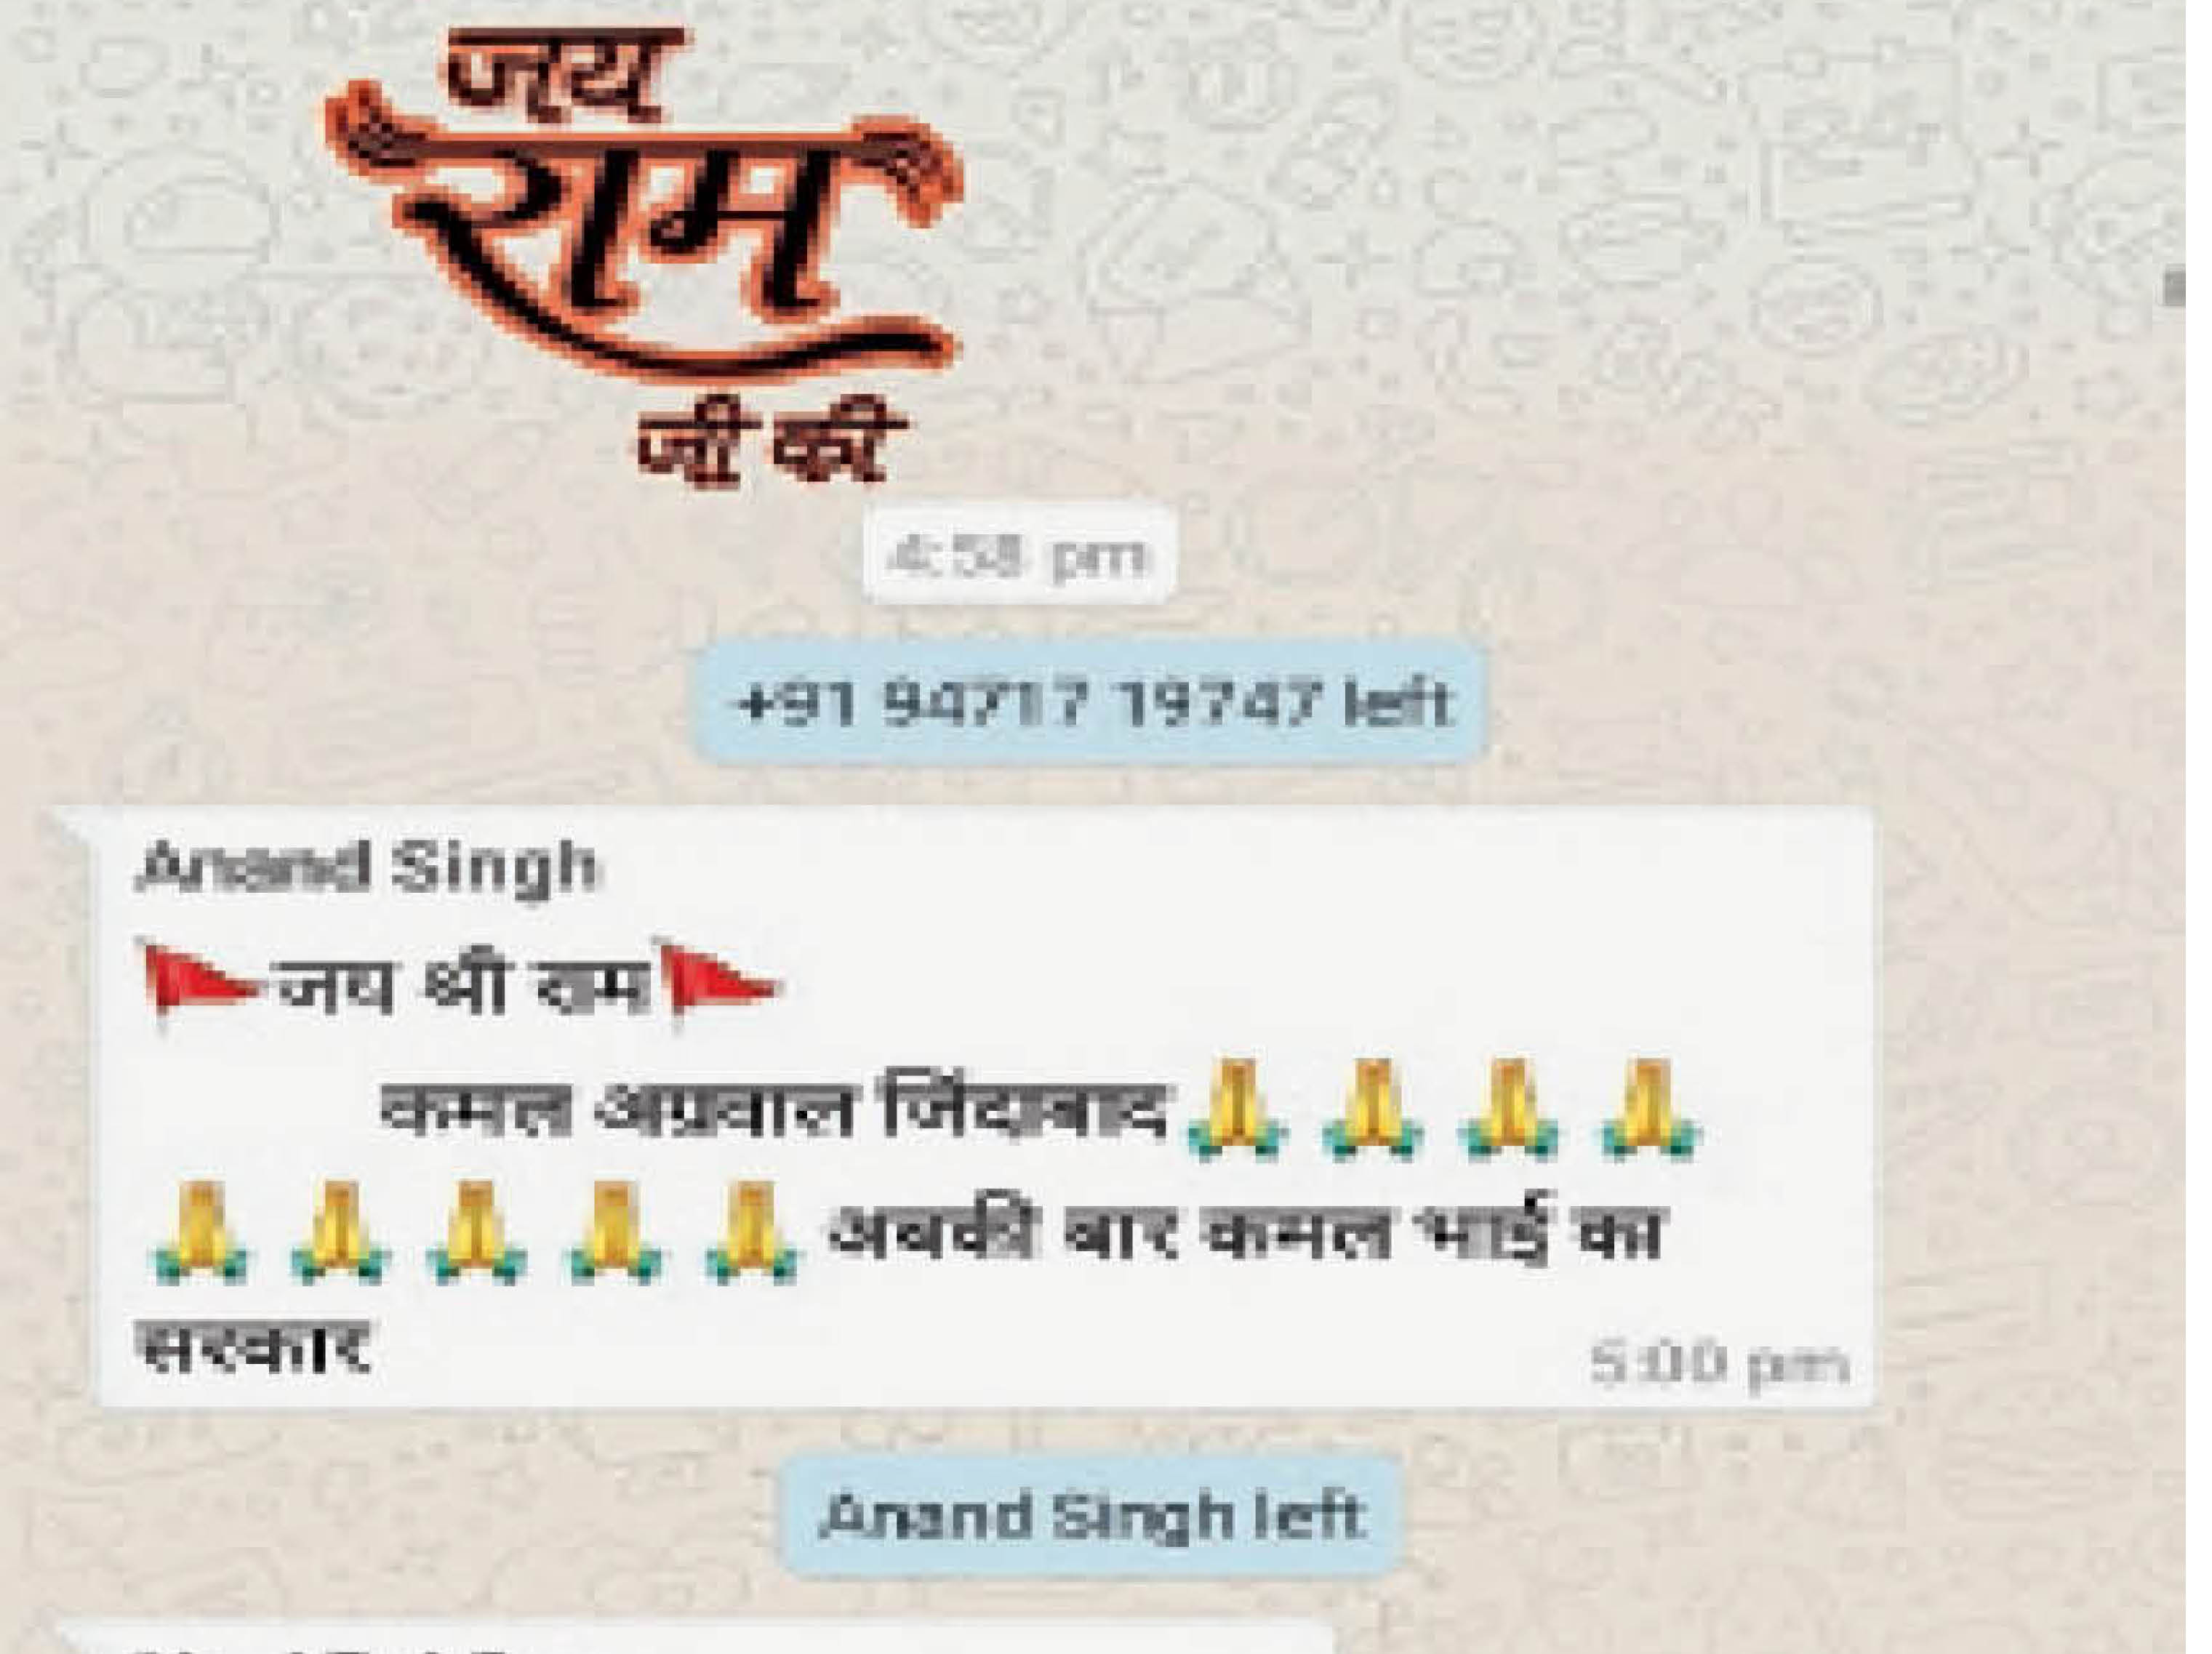 एनएसयूआई के वाट्सएप ग्रुप में 'जय श्रीराम' लिखा तो अध्यक्ष ने 7 सदस्यों को संगठन से बाहर निकाला|जमशेदपुर,Jamshedpur - Dainik Bhaskar